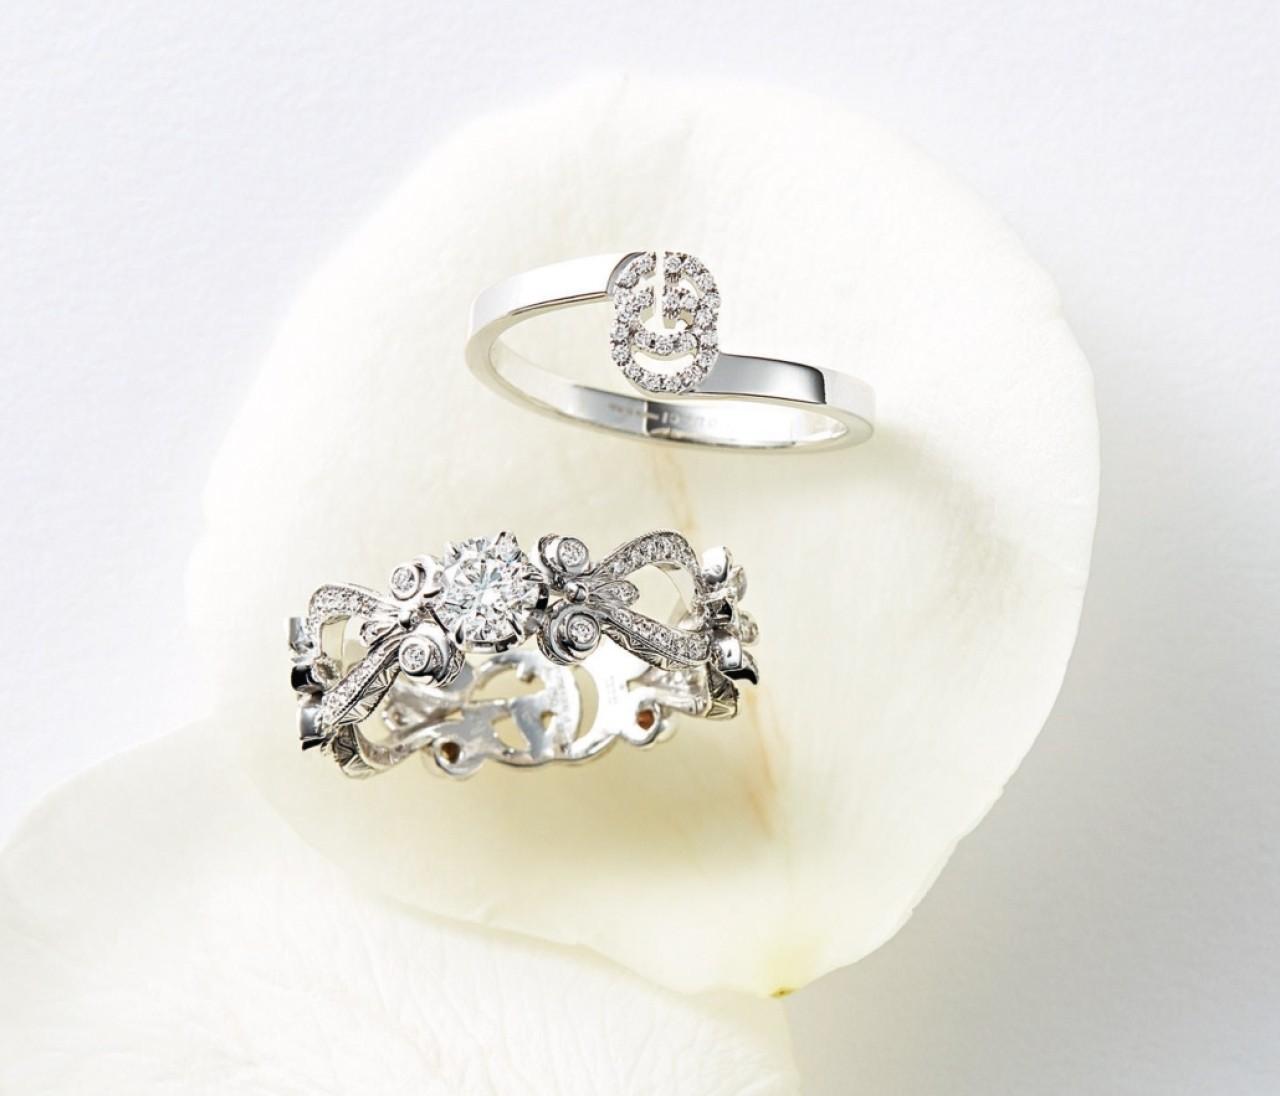 【グッチの結婚指輪&婚約指輪】ファッション性と華やかさで差がつく!